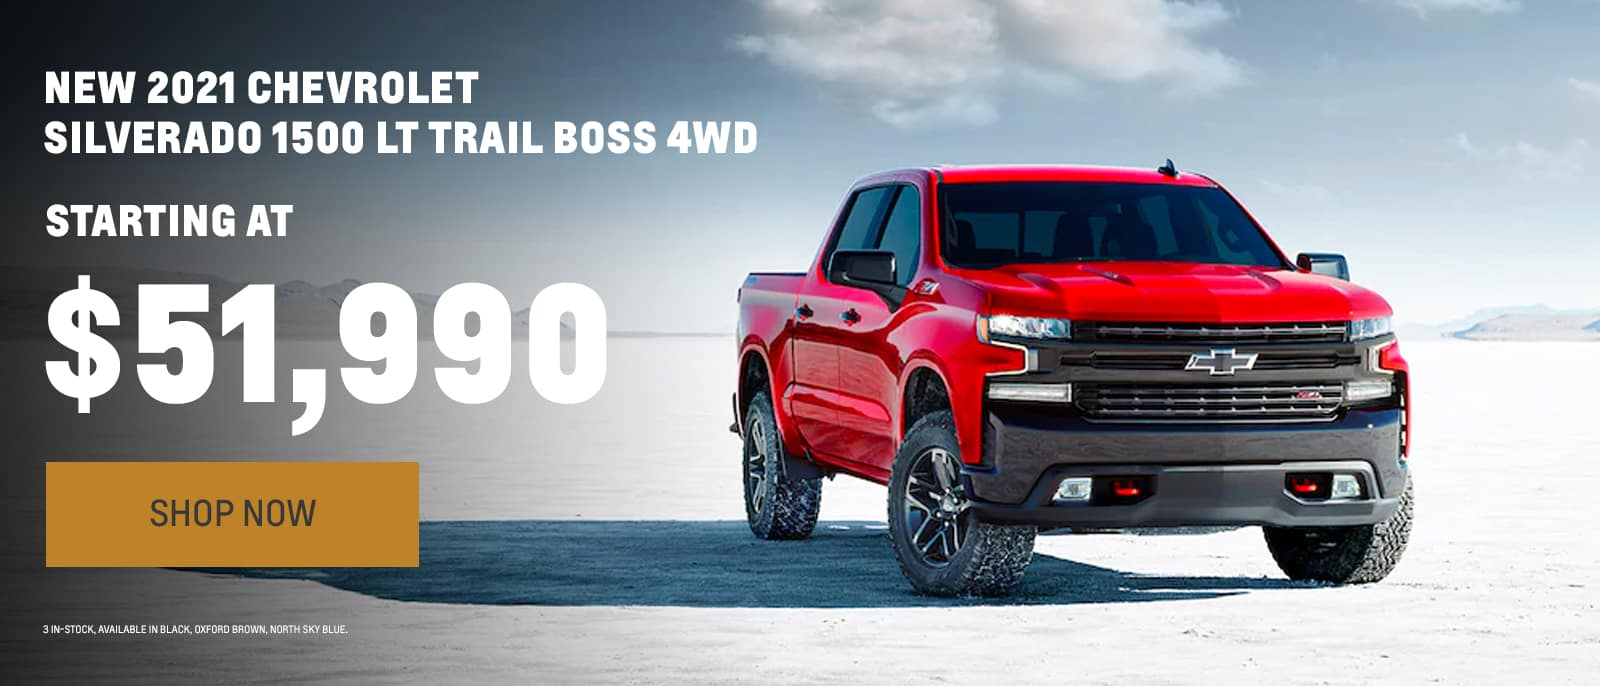 New 2021 Chevrolet Silverado 1500 LT Trail Boss starting at $51,990